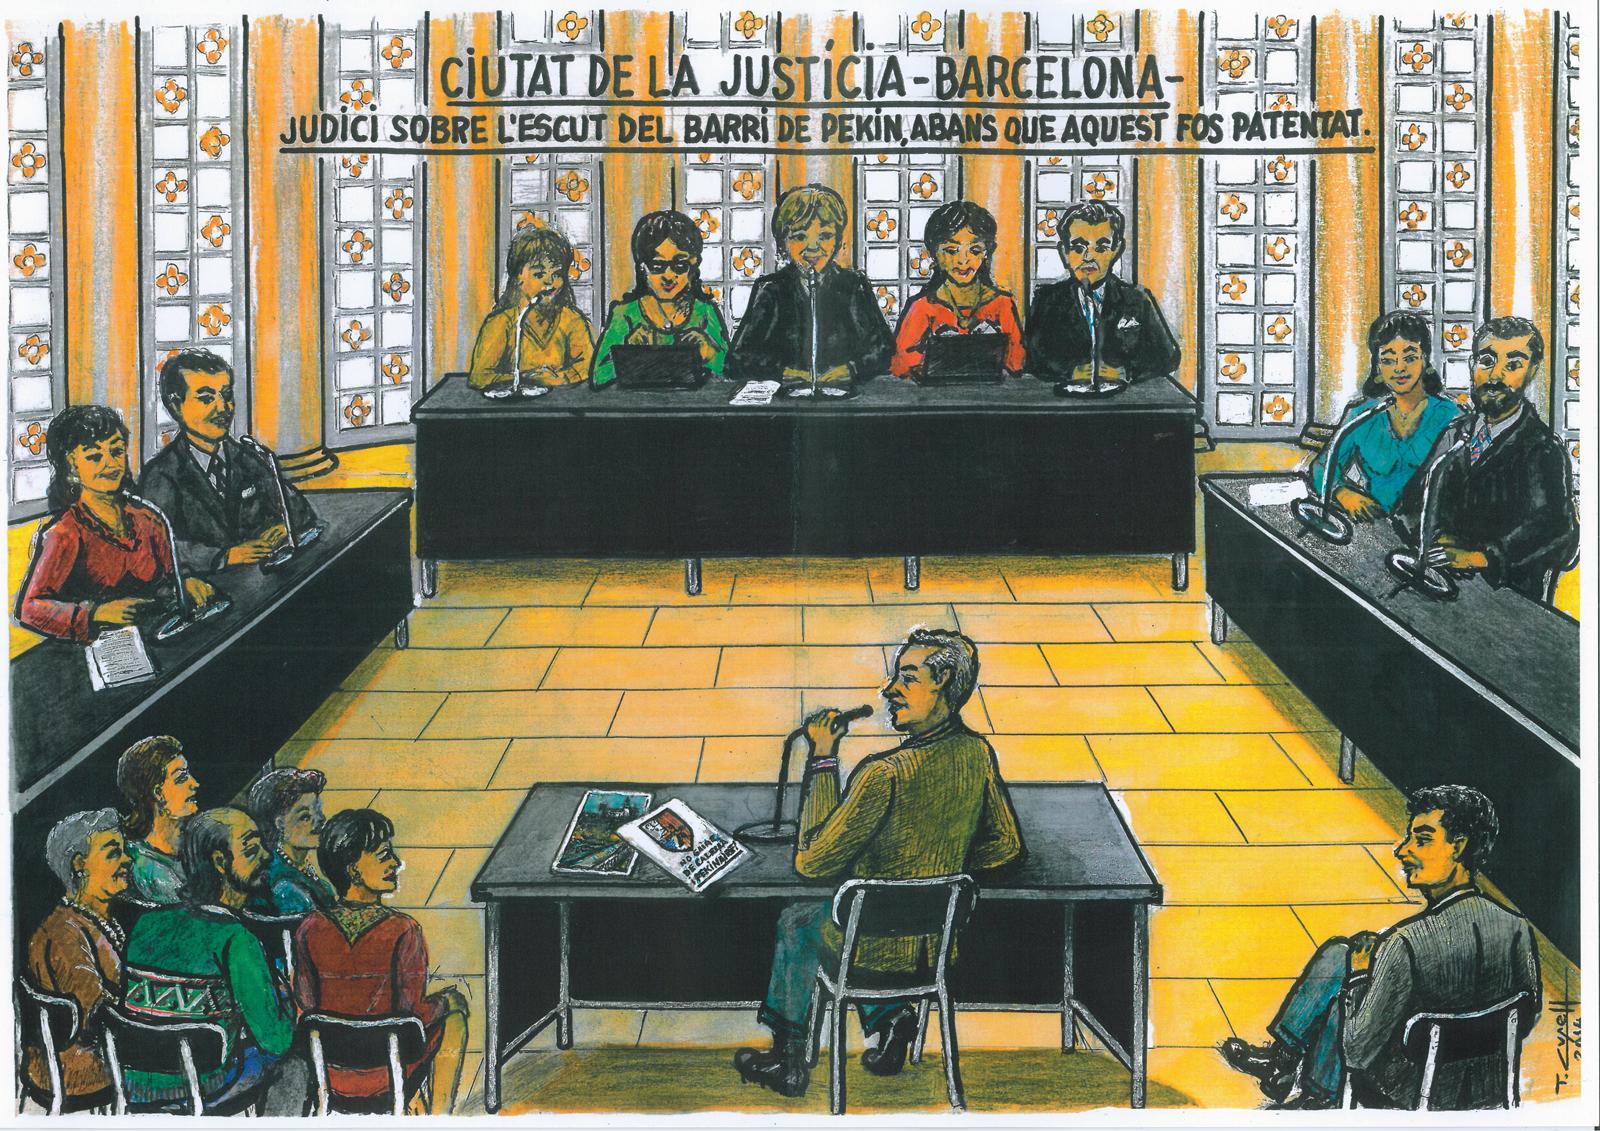 Il·lustració de Tomàs Cusell del judici per la propietat de l'escut del barri de Pekín de Calella. Foto: Tomàs Cusell